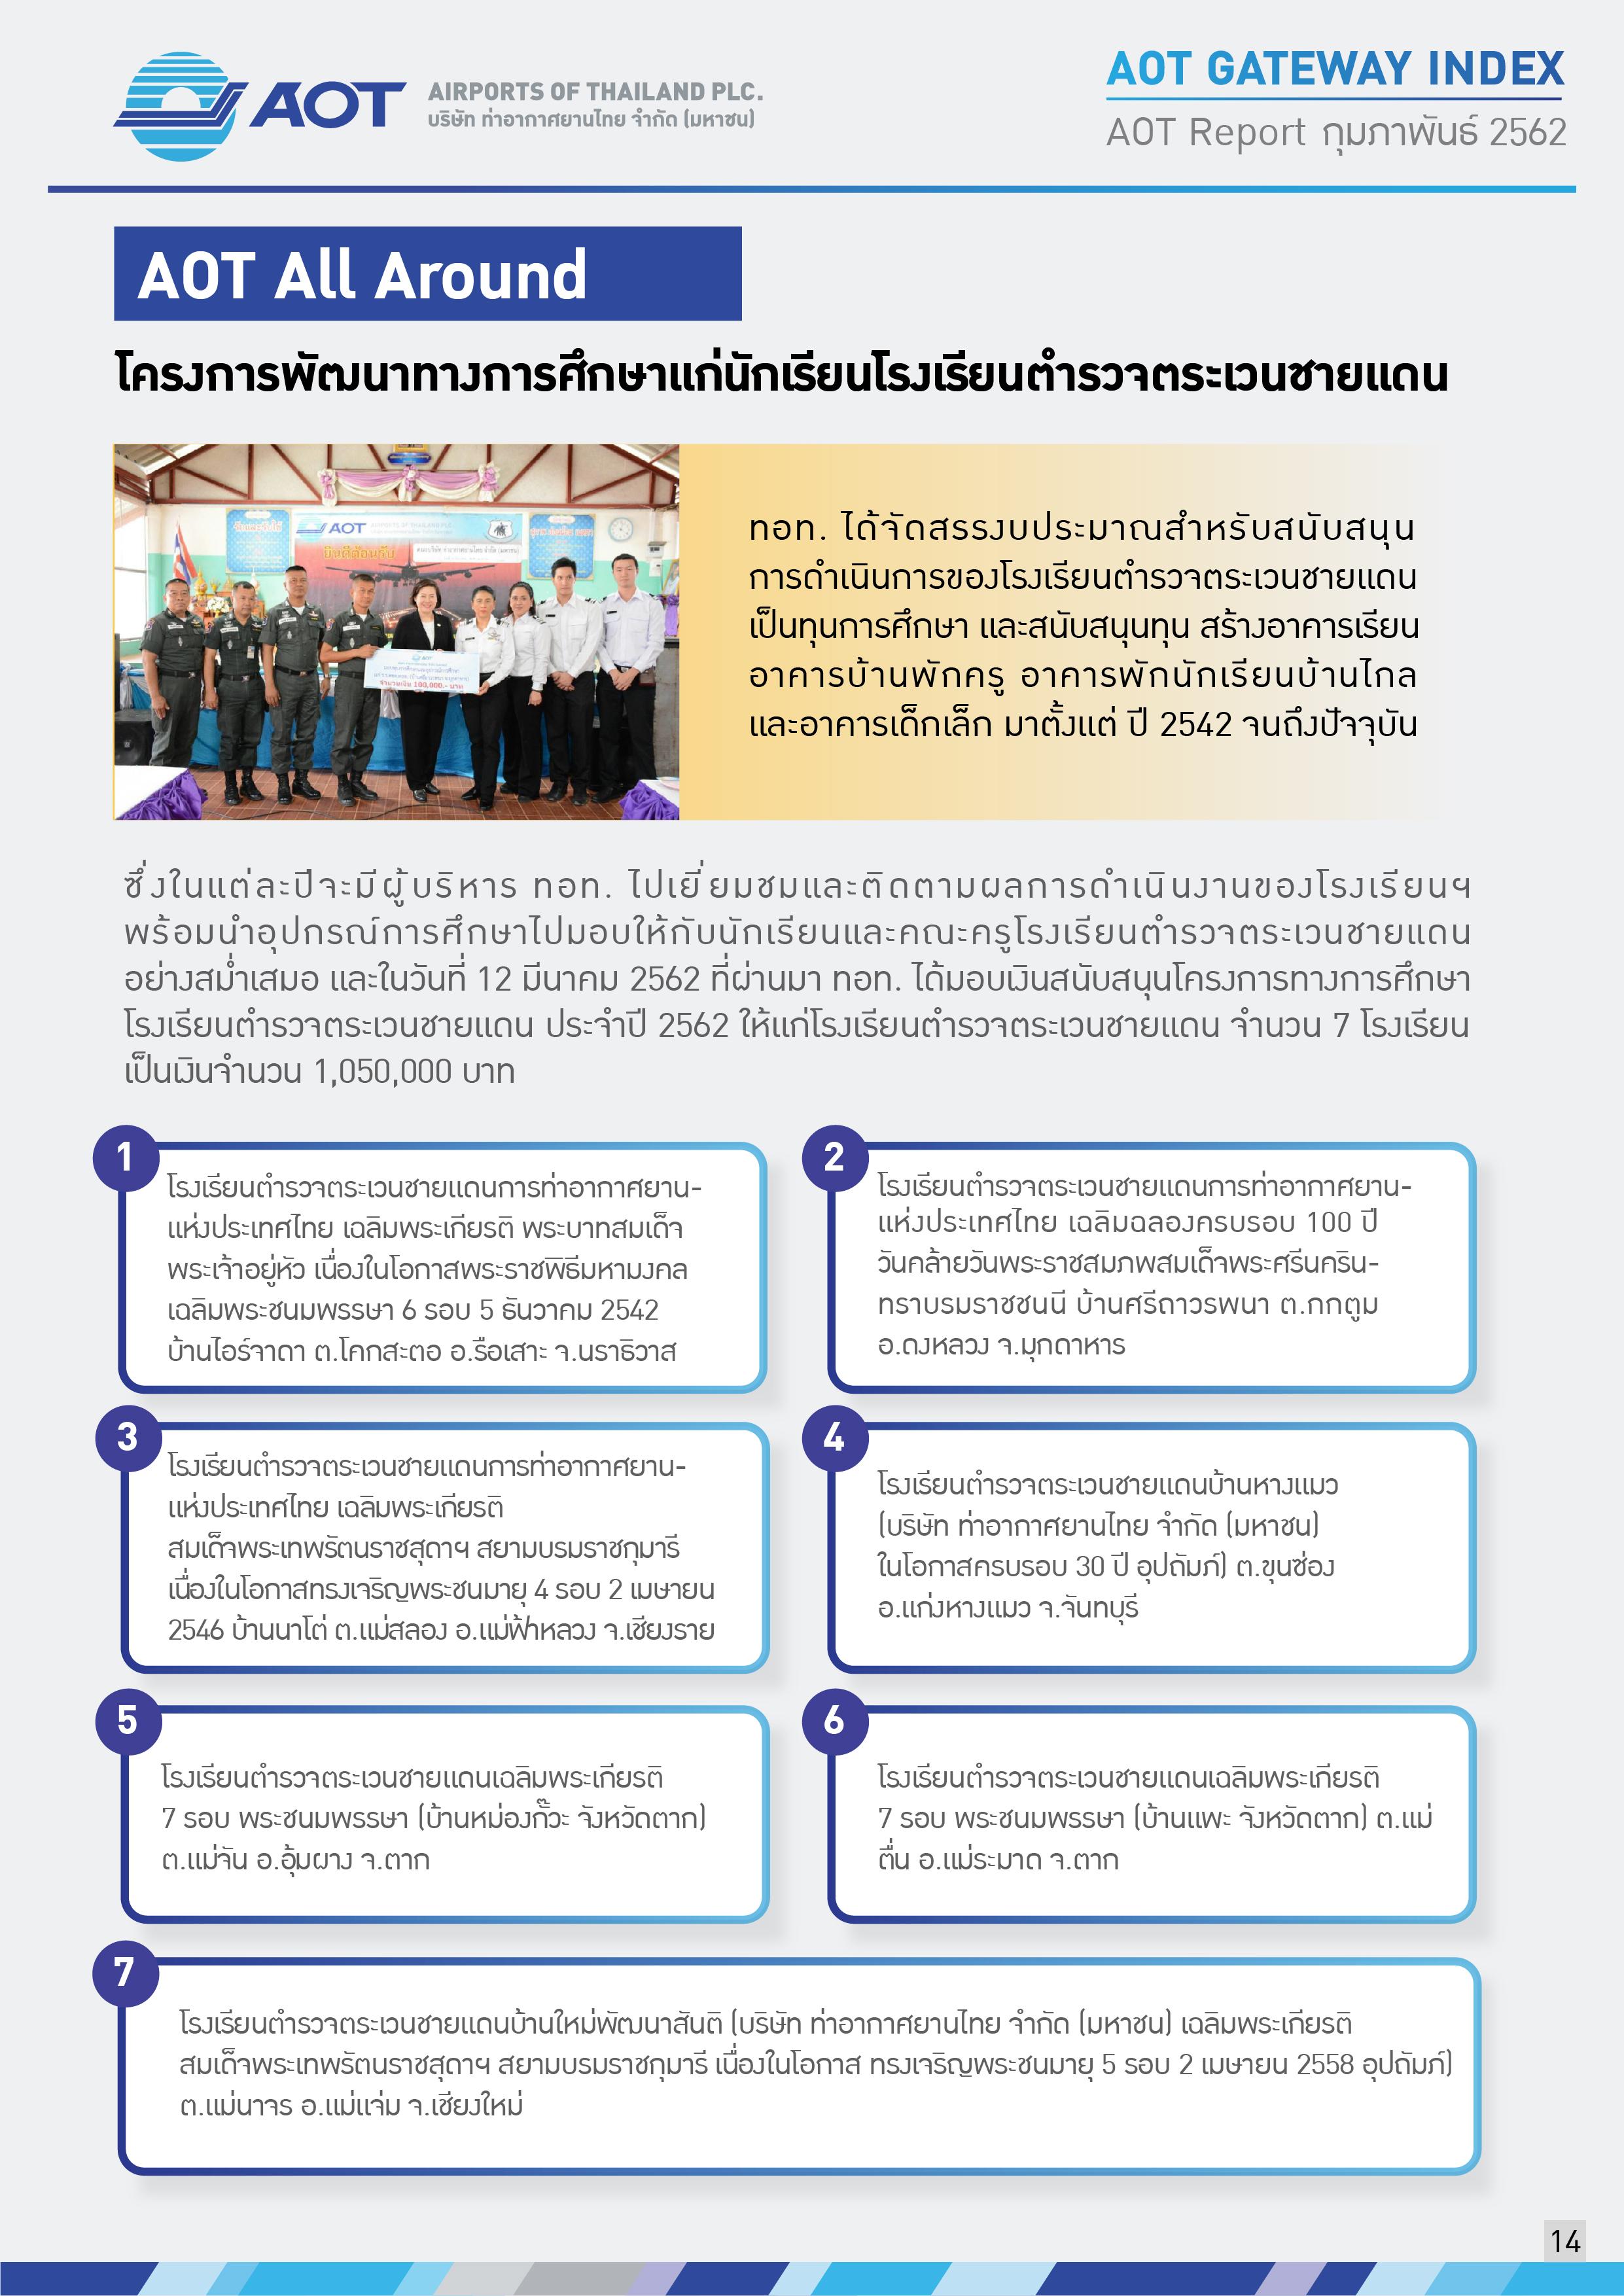 AOT_Index_03_20190418_V.7_Page14